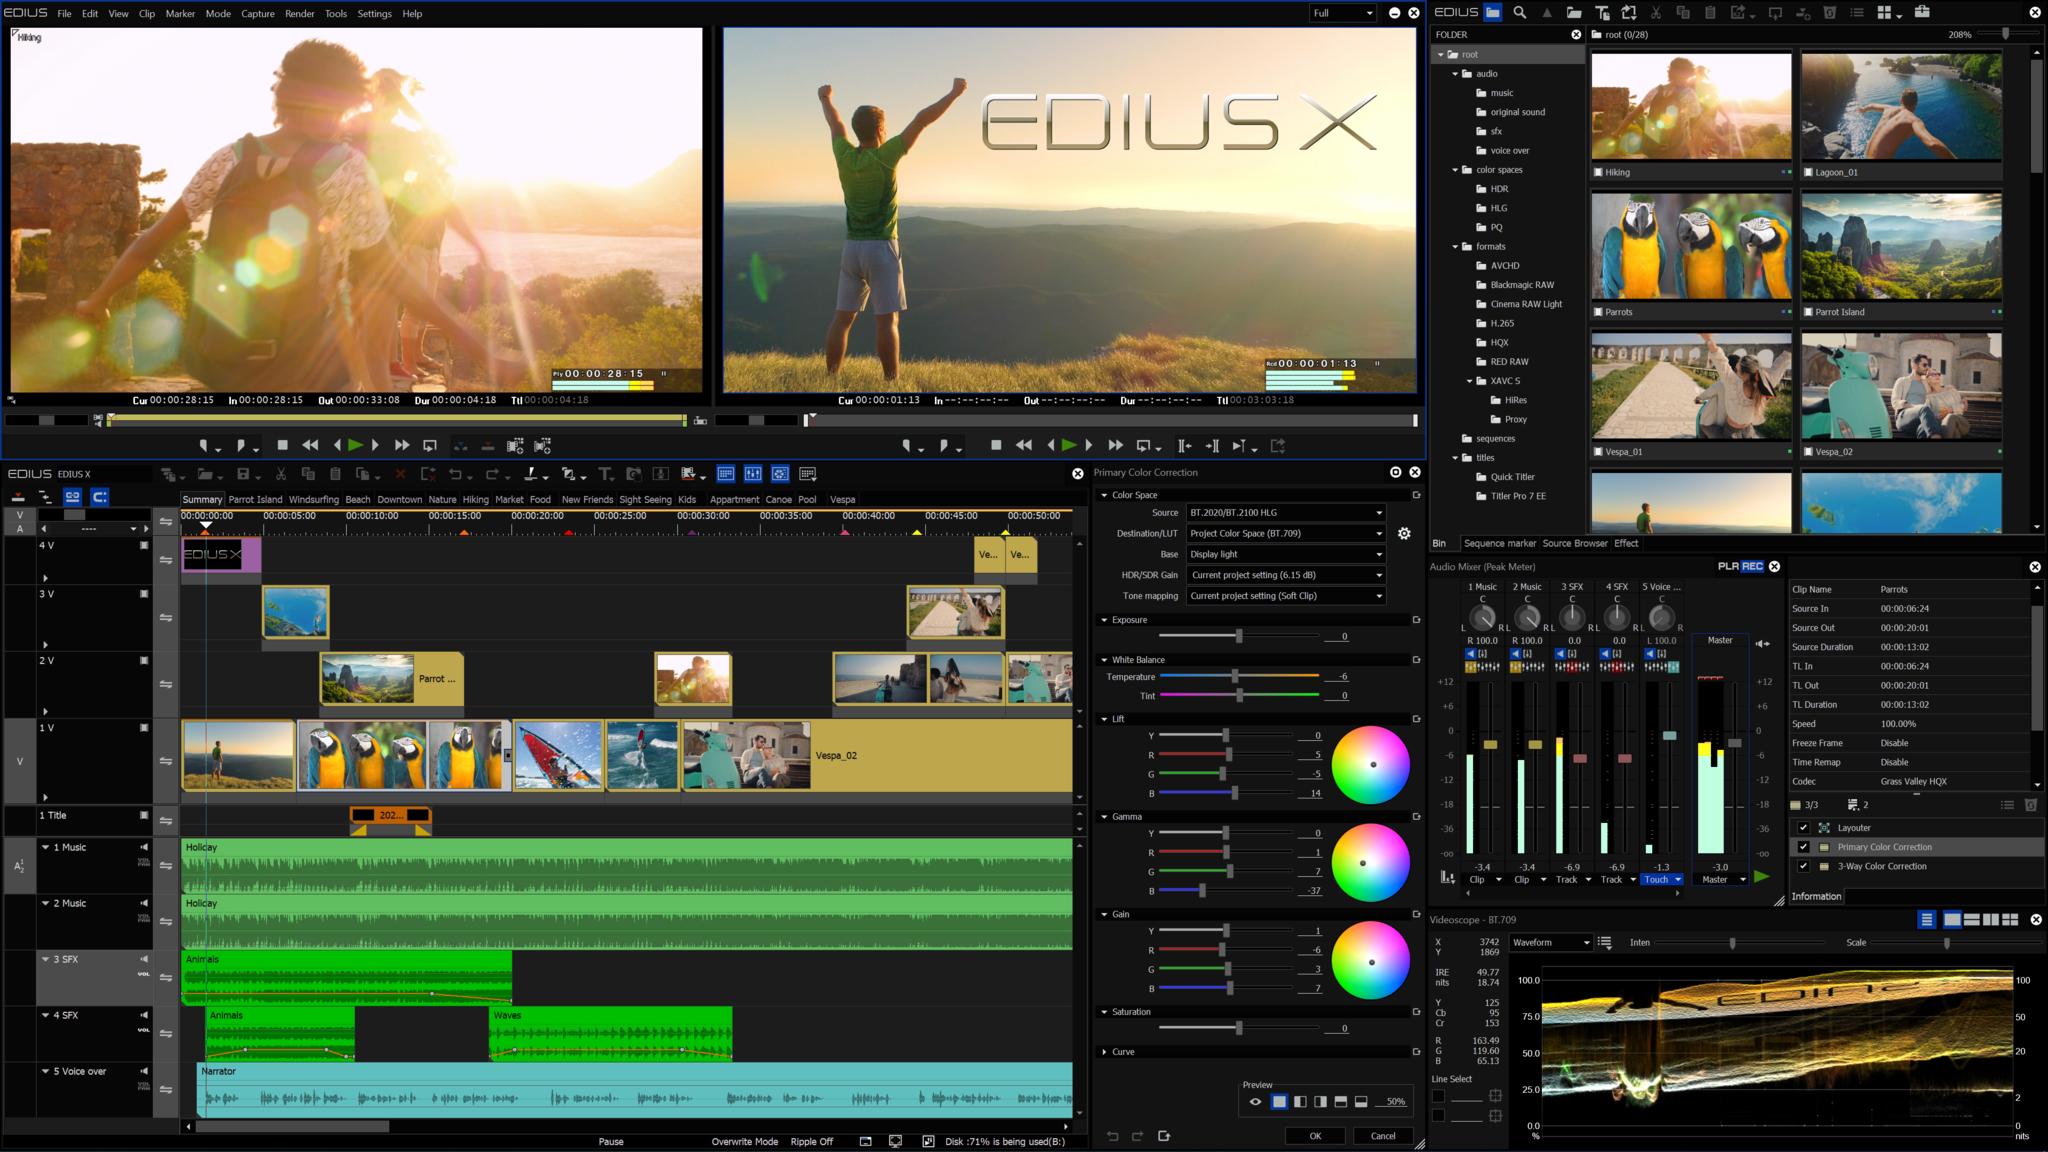 EDIUS X Pro